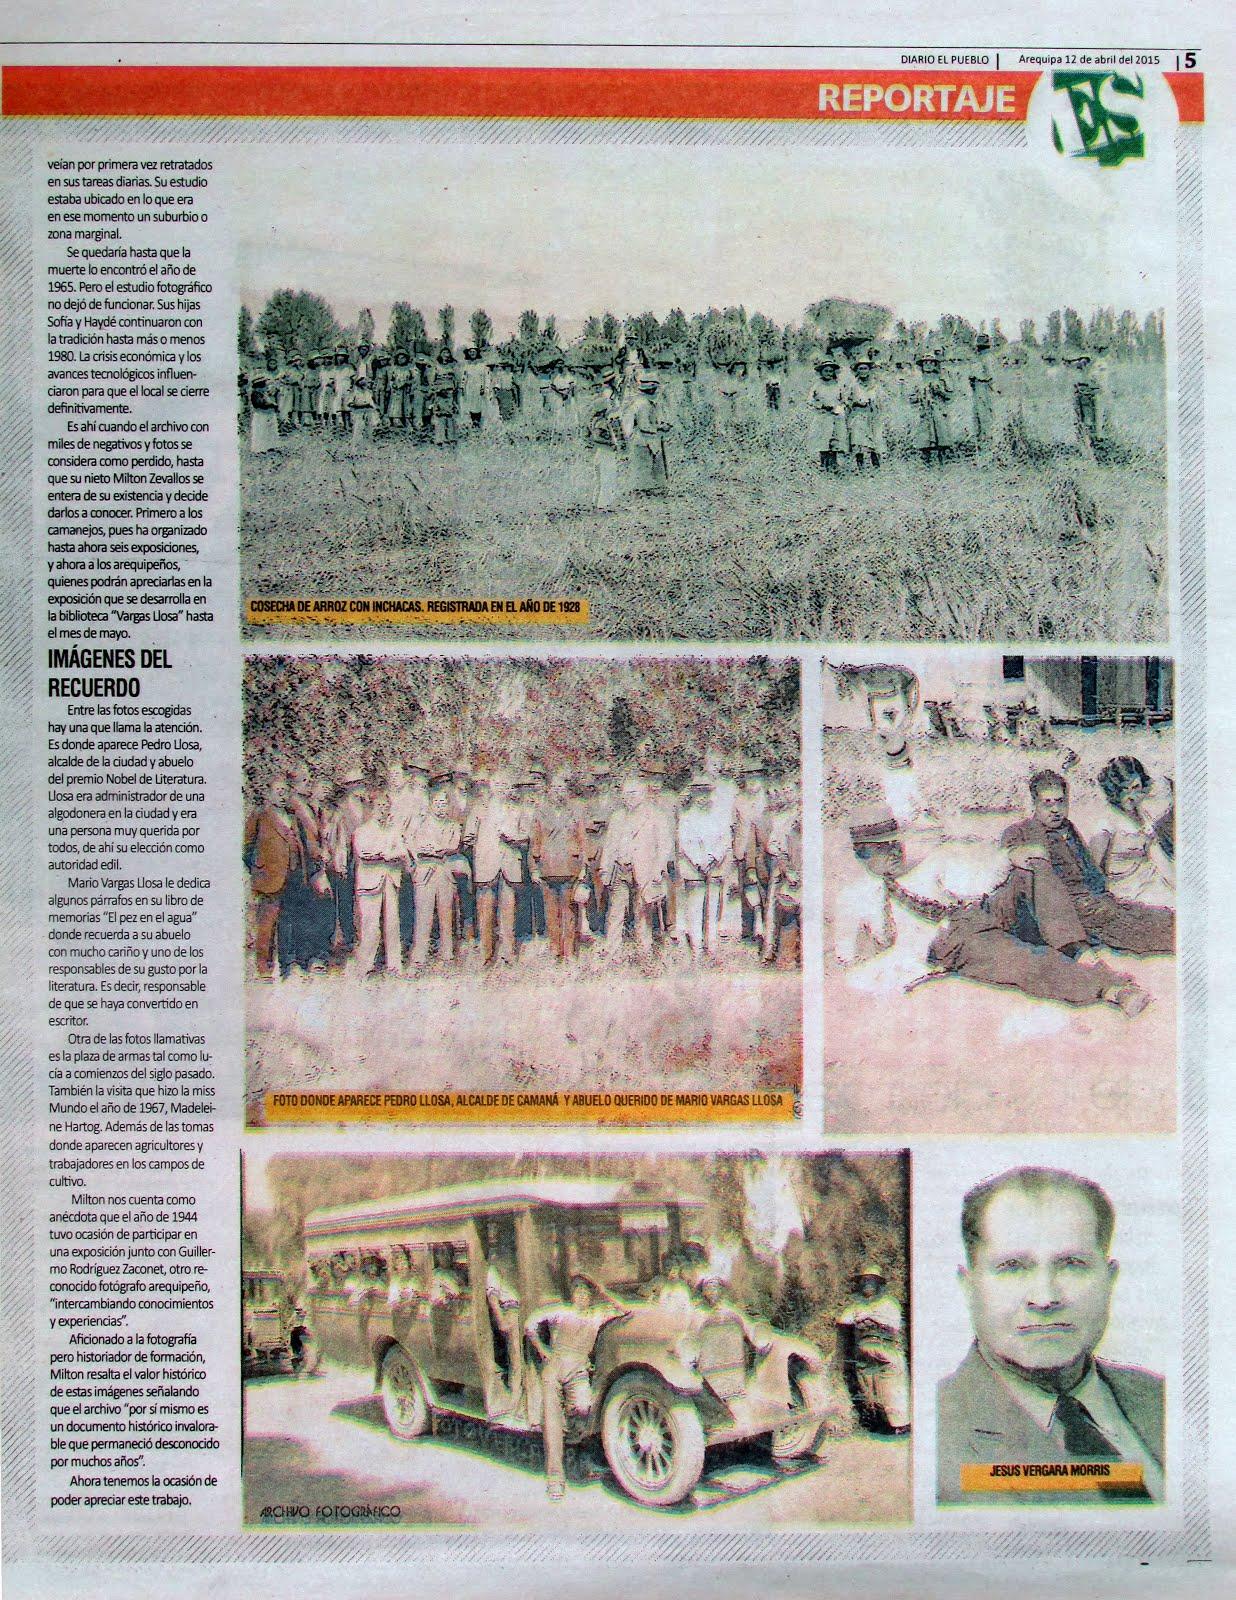 Diario El Pueblo, Suplemento Dominical. 12 de abril 2015 - 03